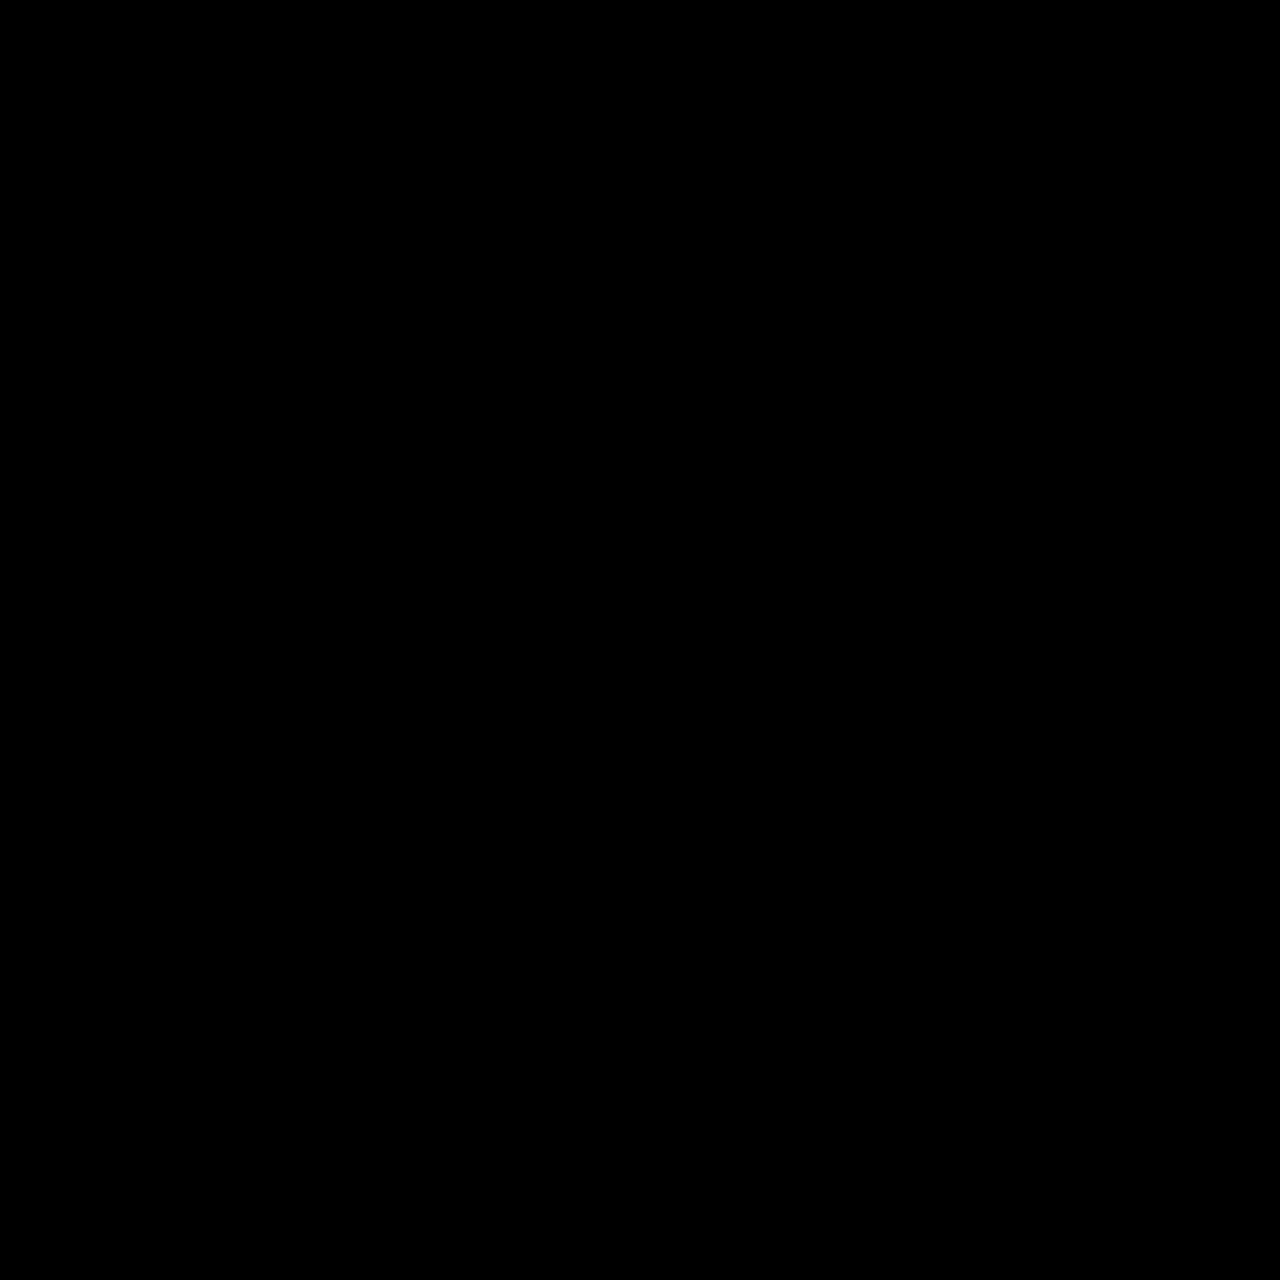 Frame hoa văn ghép ảnh